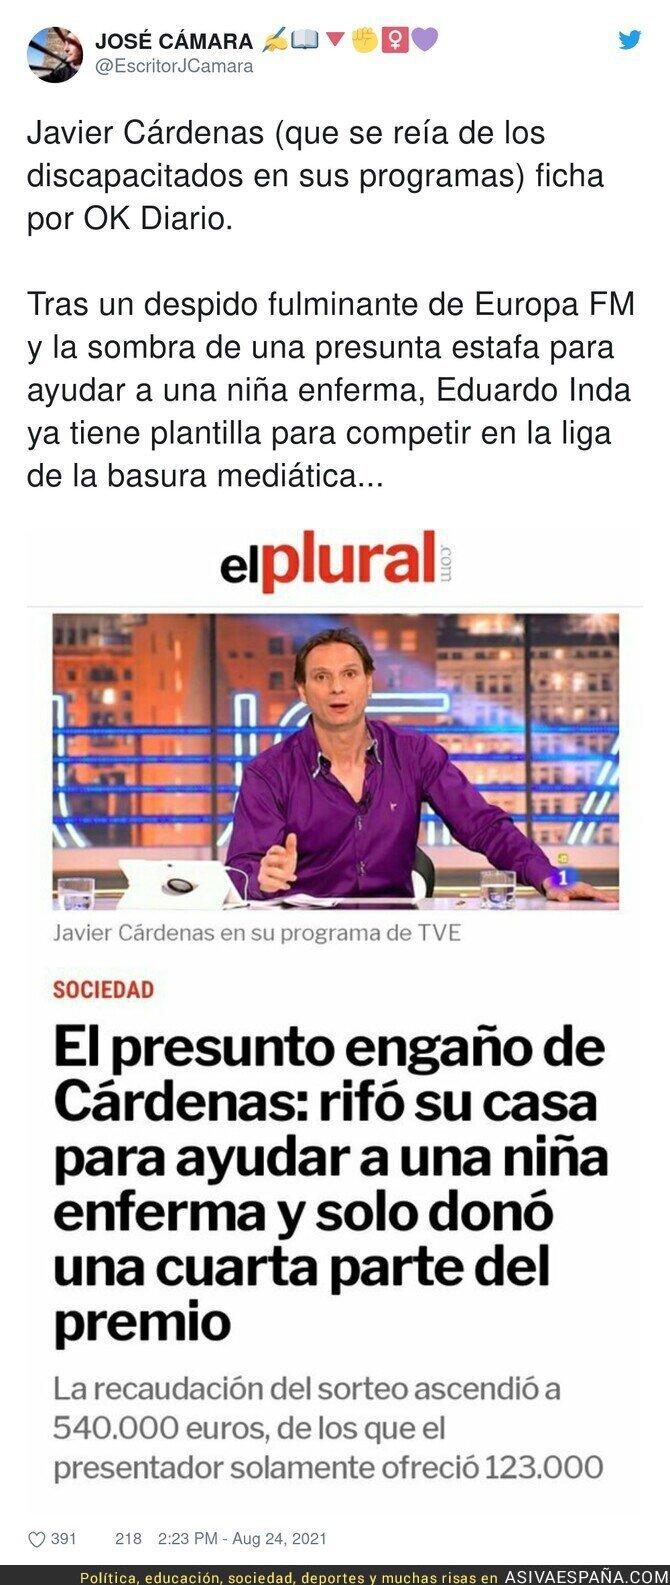 884244 - Este es el historial de Javier Cárdenas, el último y polémico fichaje de Eduardo Inda para Okdiario